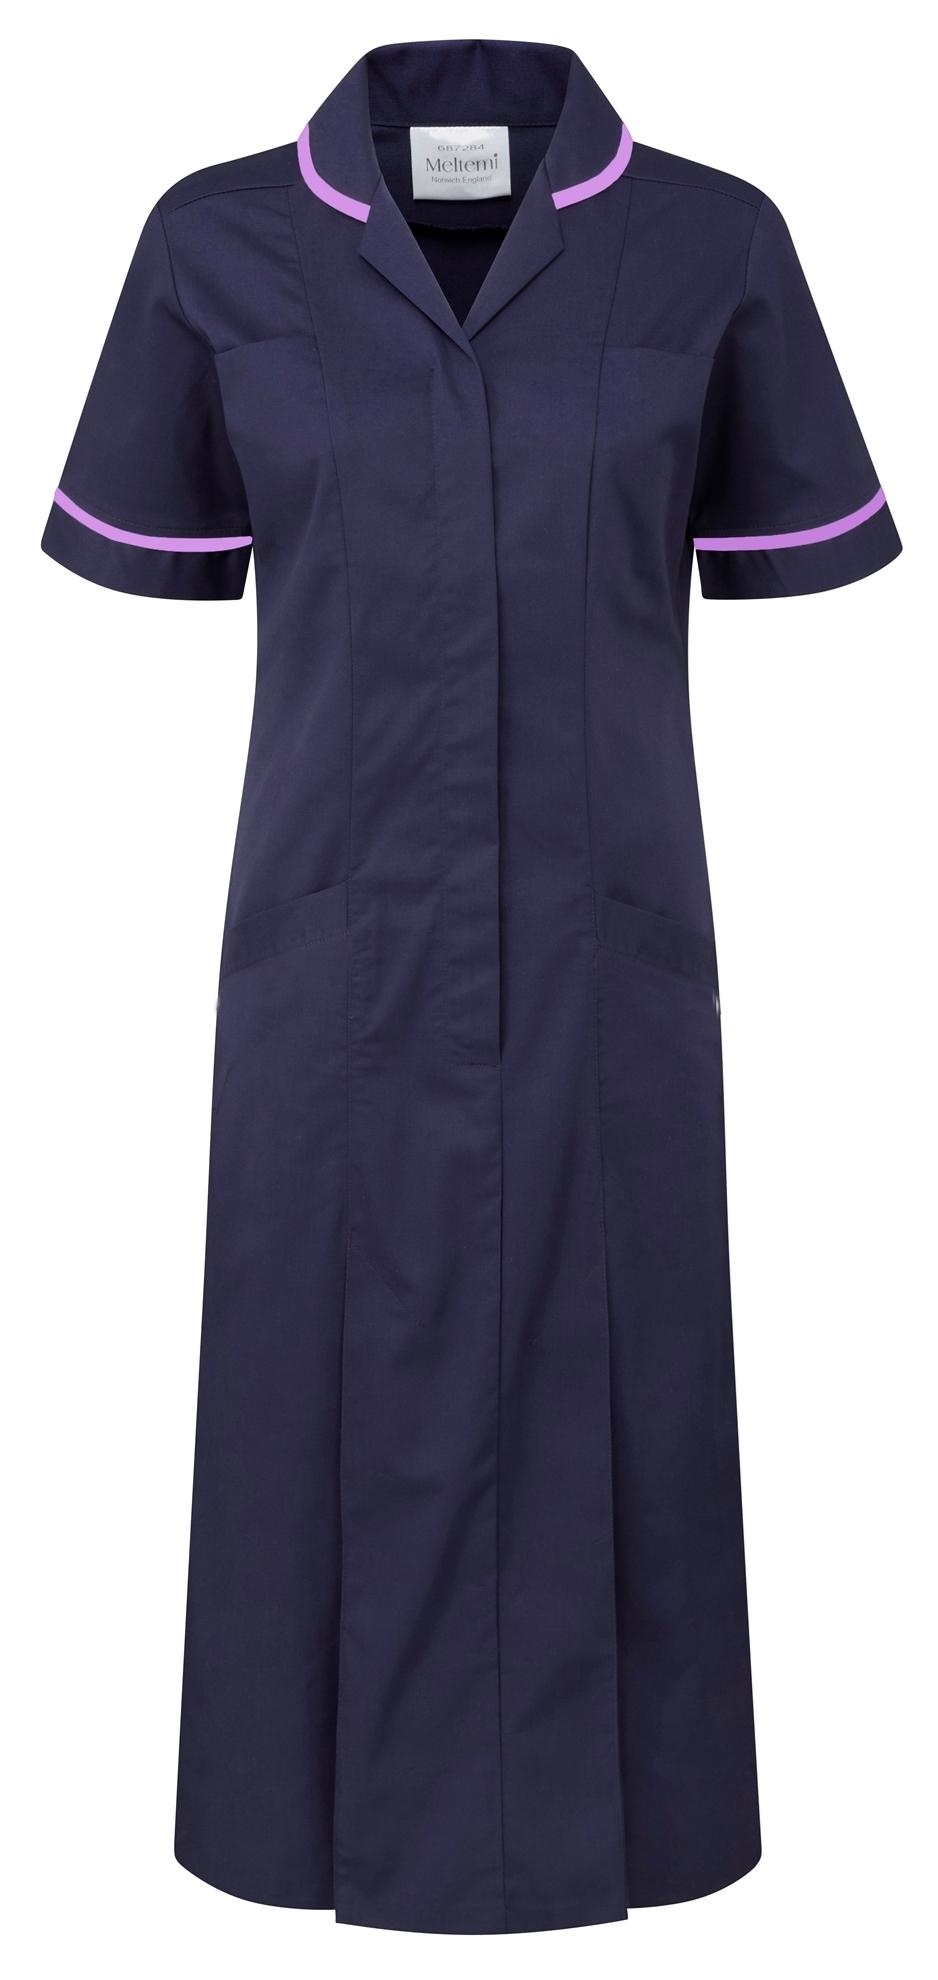 Picture of Plain Colour Dress - Navy/Lilac